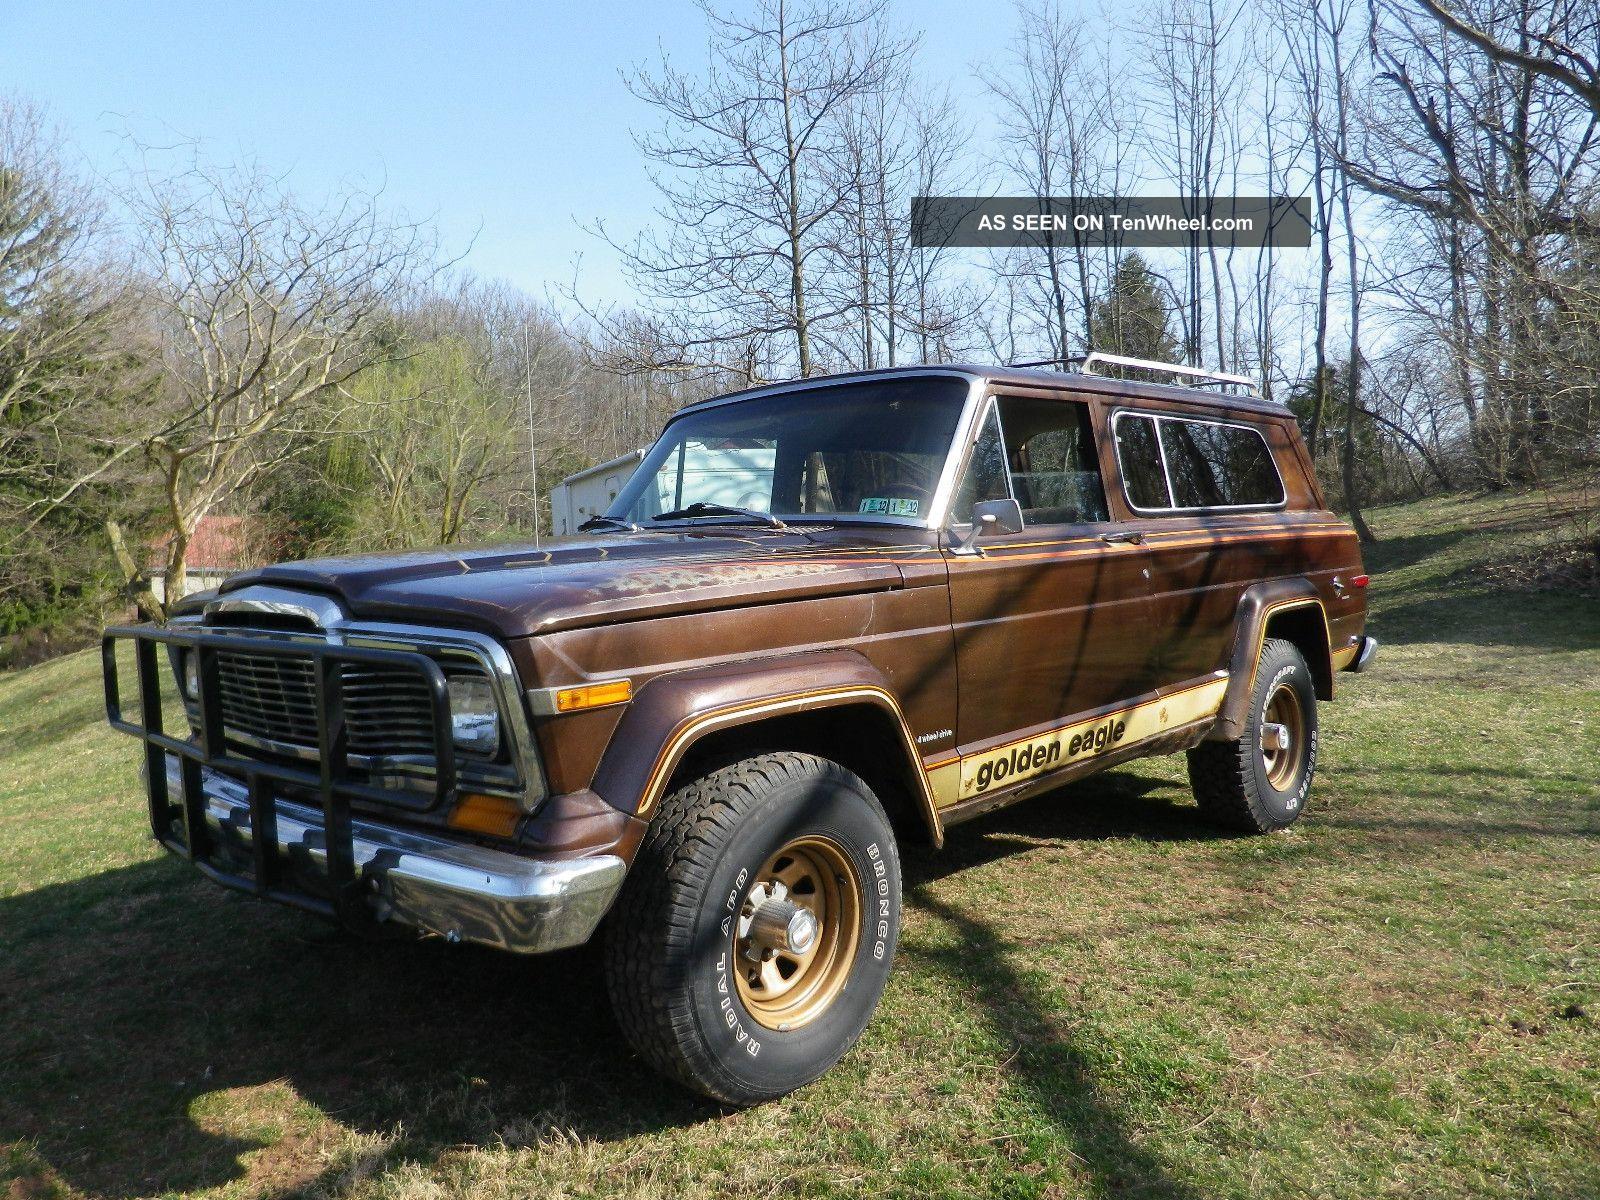 1979 Jeep Cherokee Golden Eagle Wide Track Sport Utility 2 - Door 5.  9l Cherokee photo